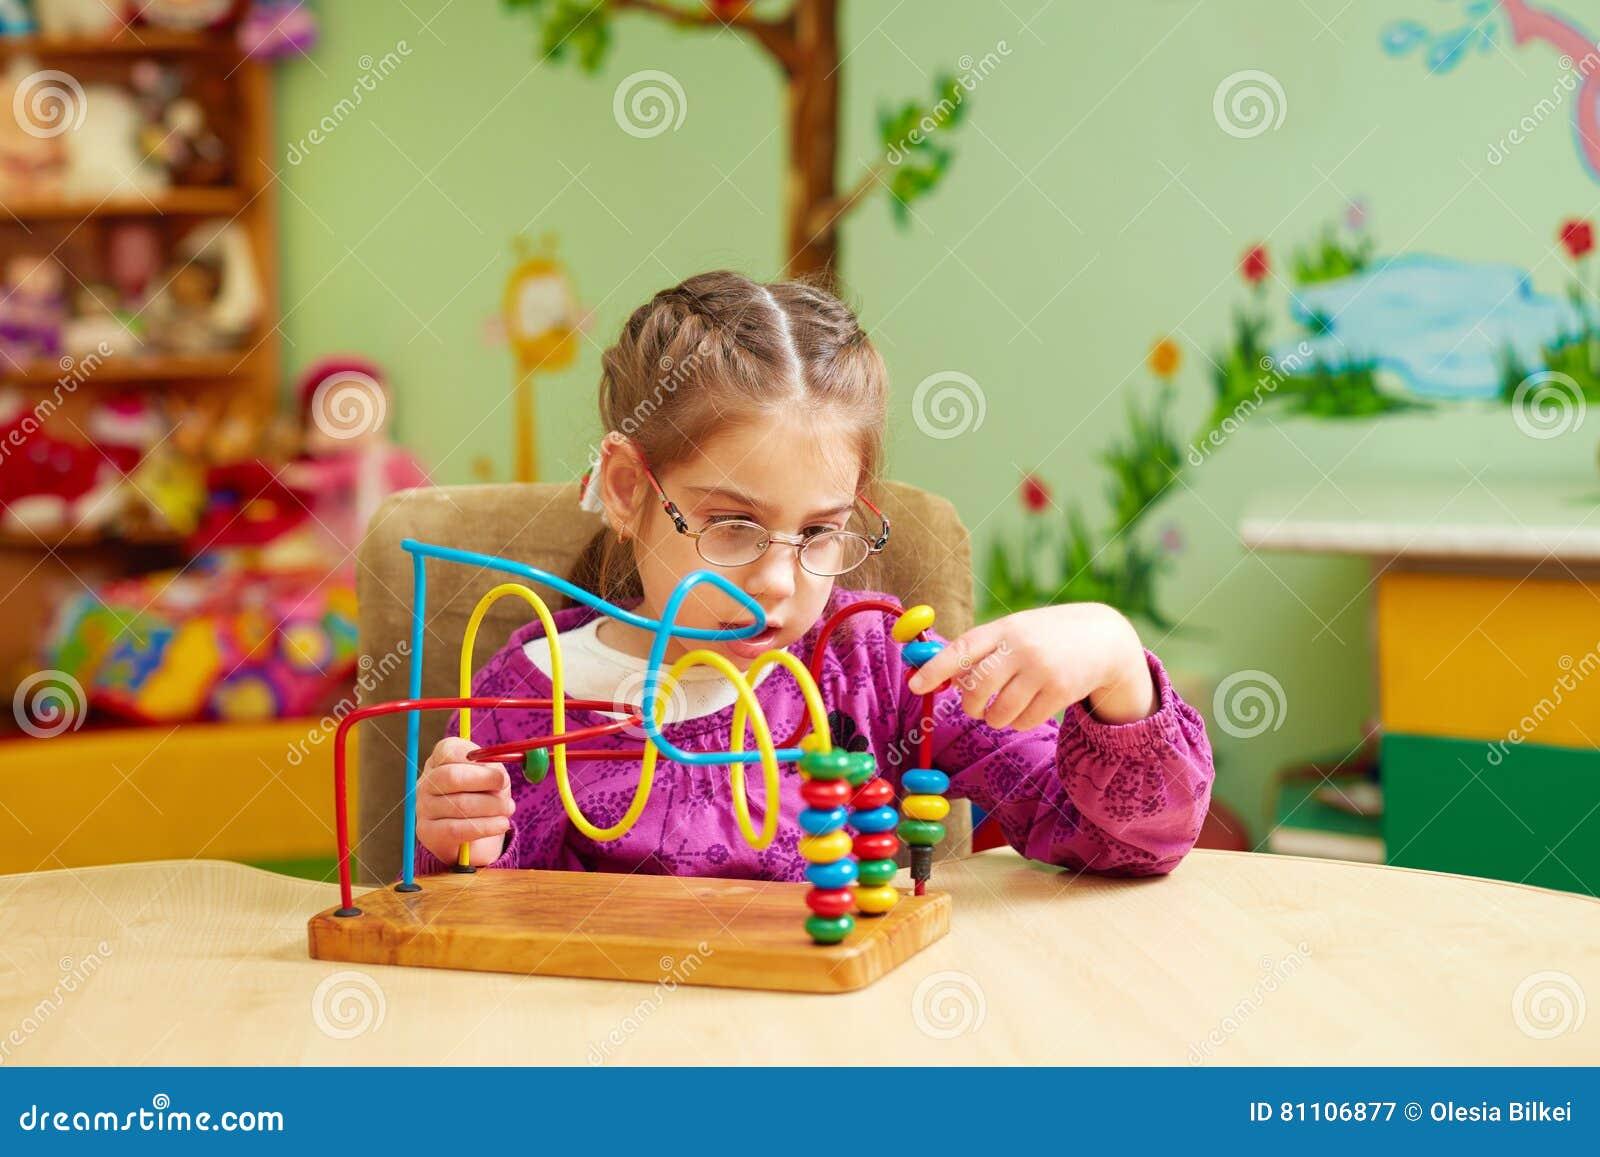 Petite fille mignonne jouant avec le jouet se développant dans le jardin d enfants pour des enfants avec les besoins spéciaux